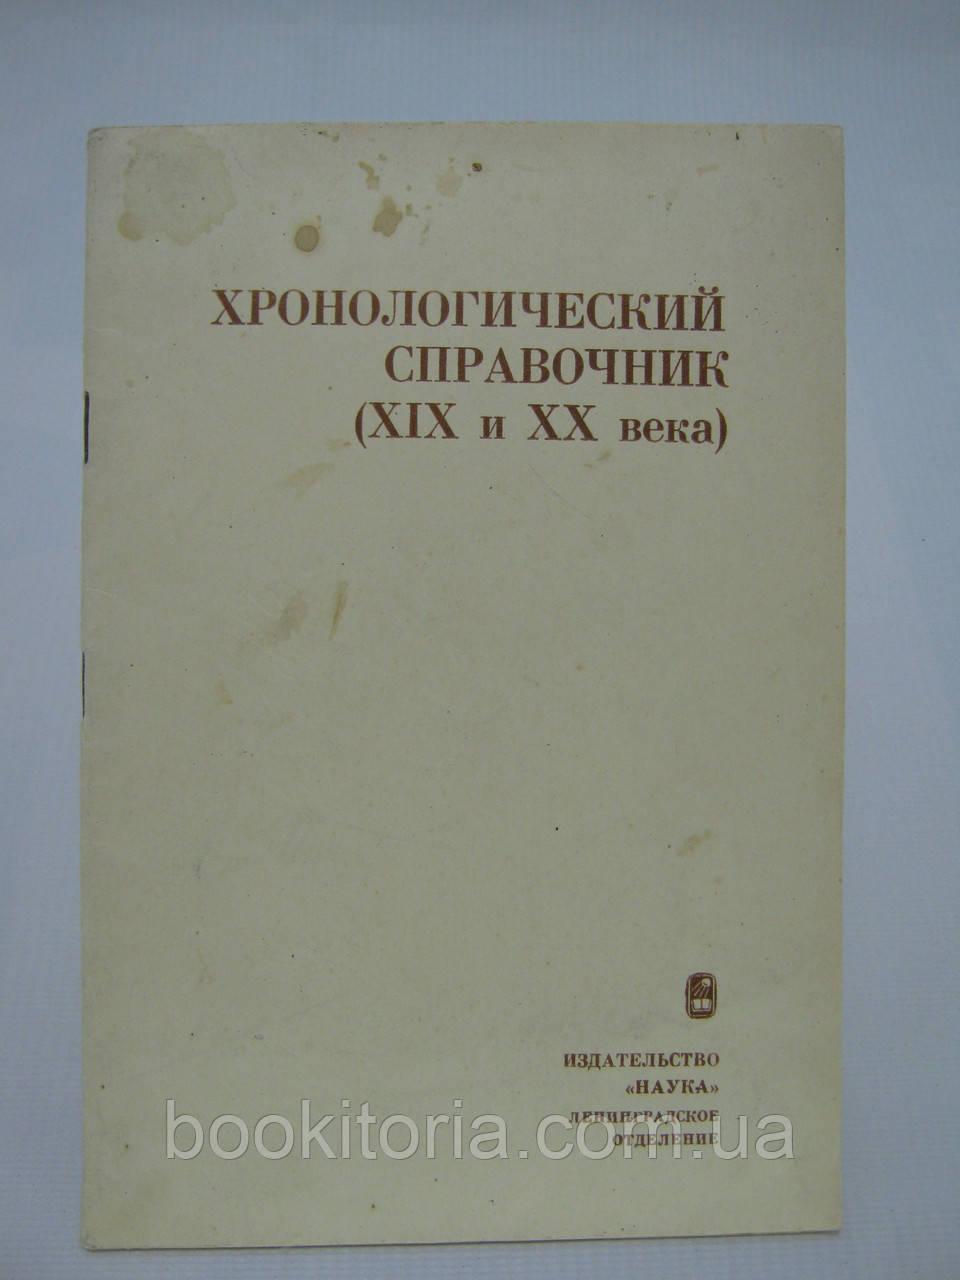 Хронологический справочник (XIX и XX века) (б/у).